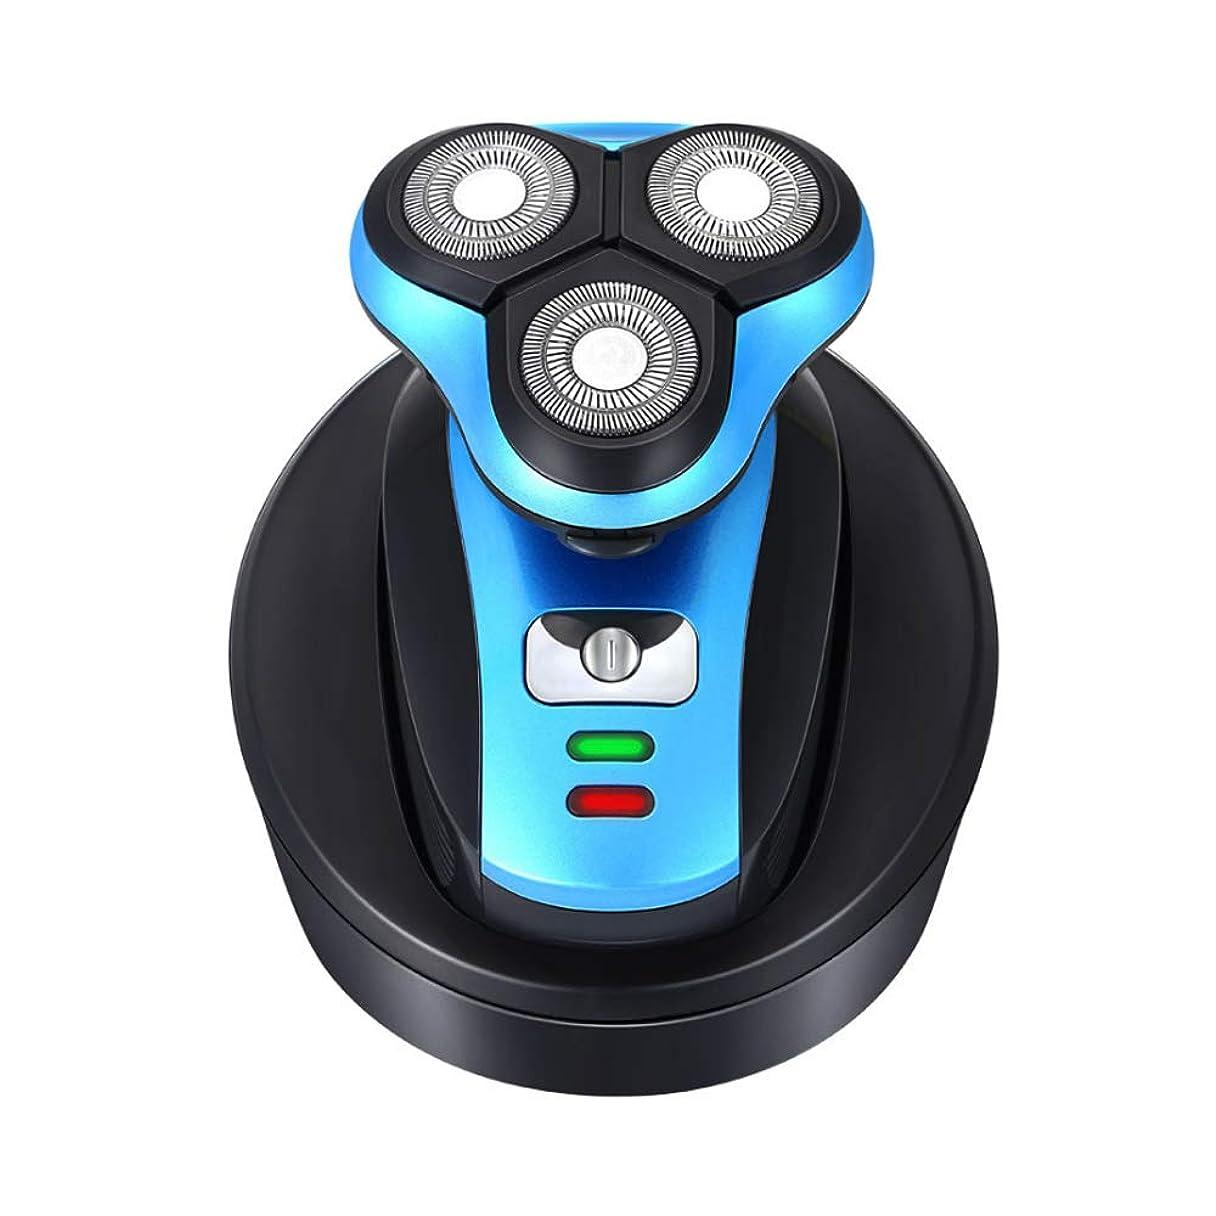 抑制する厚さ理解する3D回転およびフローティングヘッド、ウェット&ドライテクノロジーを備えた男性用電気シェーバーは、フェイシャルケア用の防水ヒゲトリマー